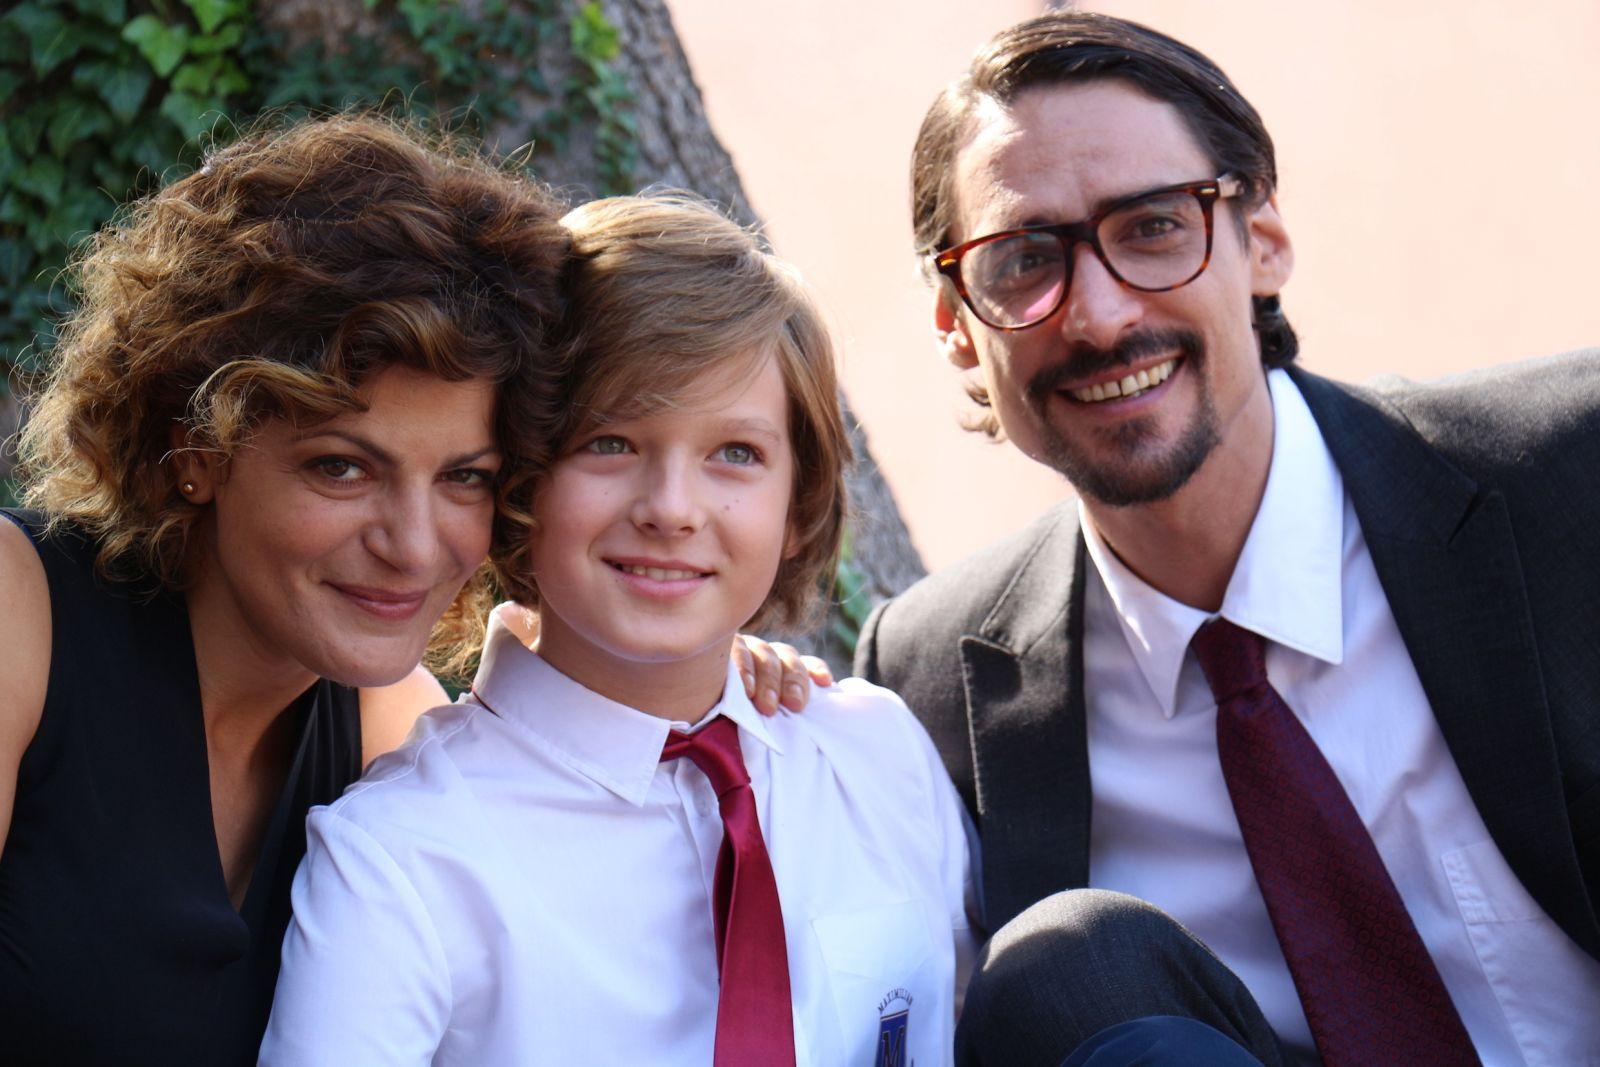 Bianca nappi la mia famiglia a soqquadro movie photocall in rome - 2019 year